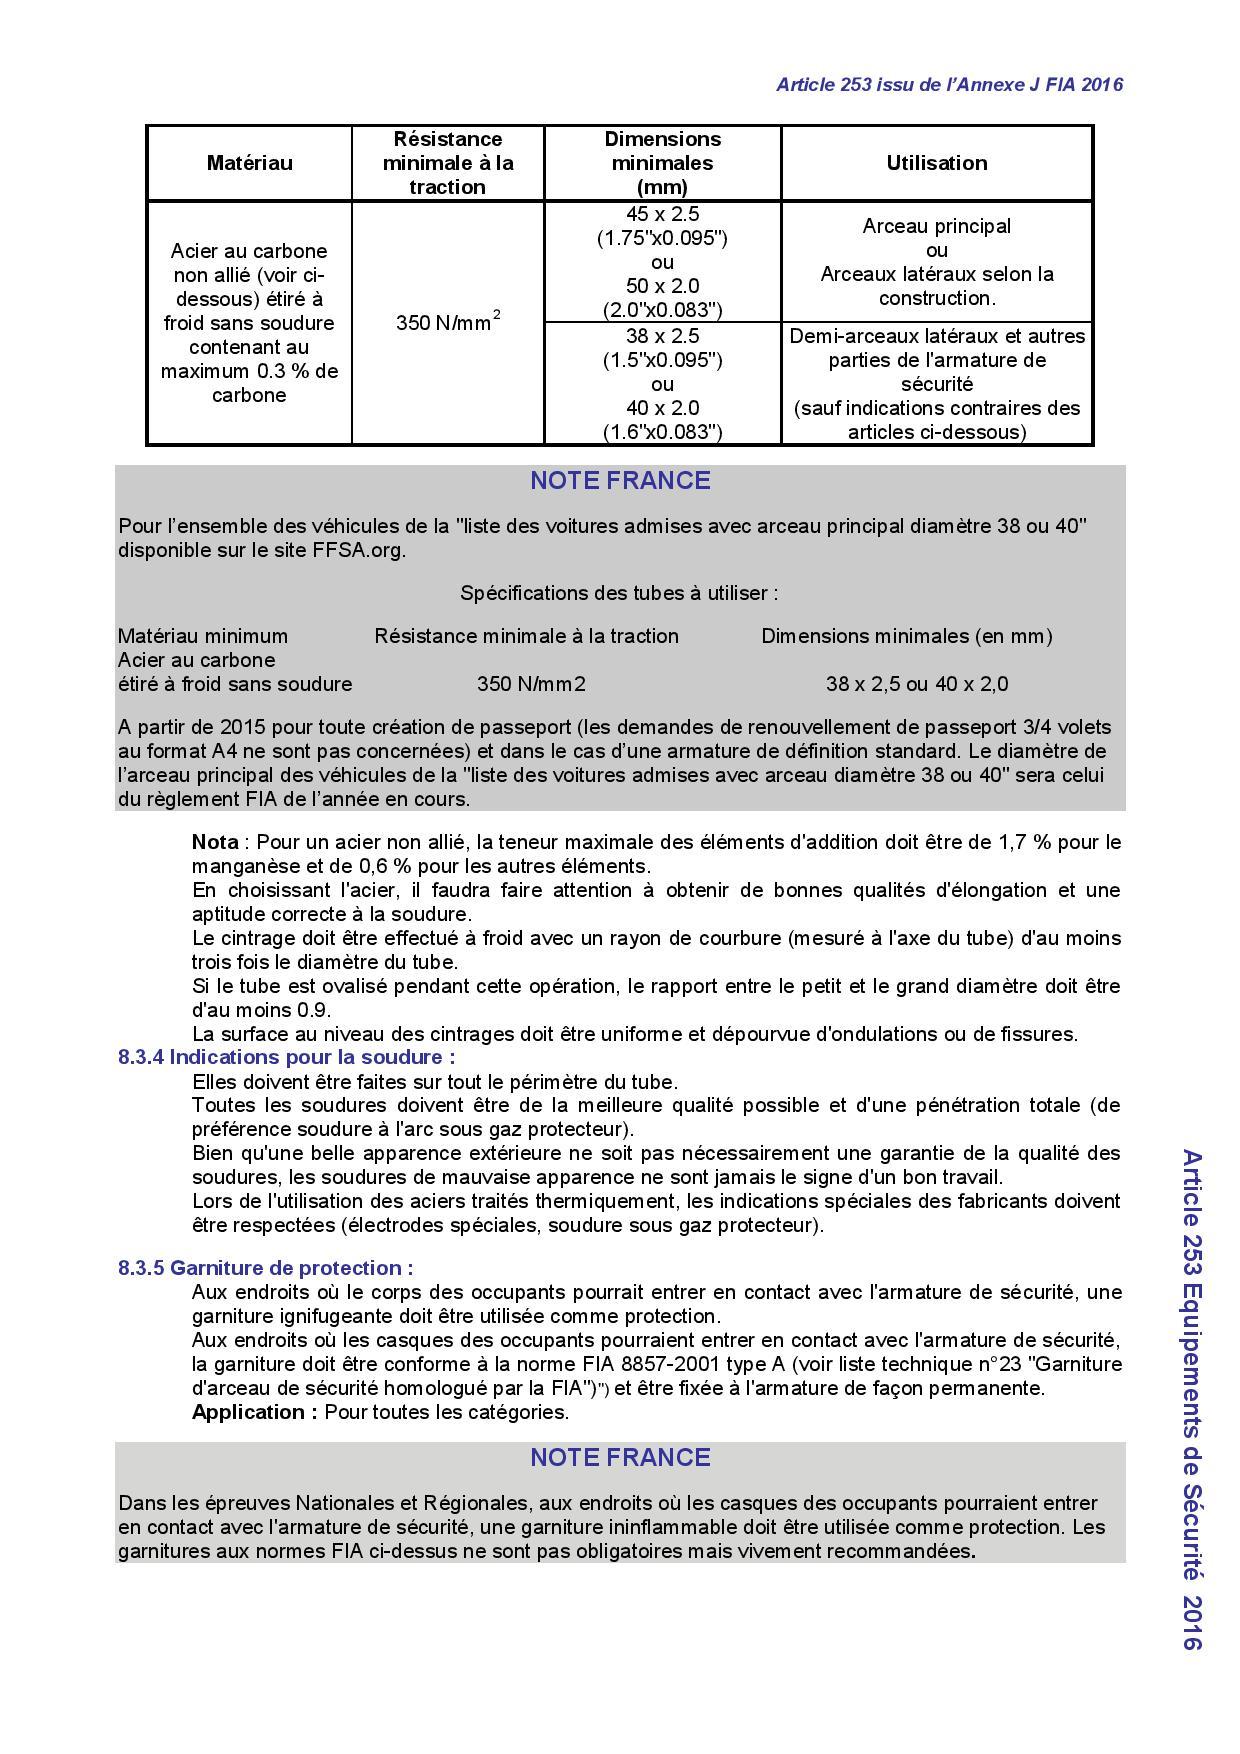 La Twingo 1 Rallye f2011 57206ea13d633